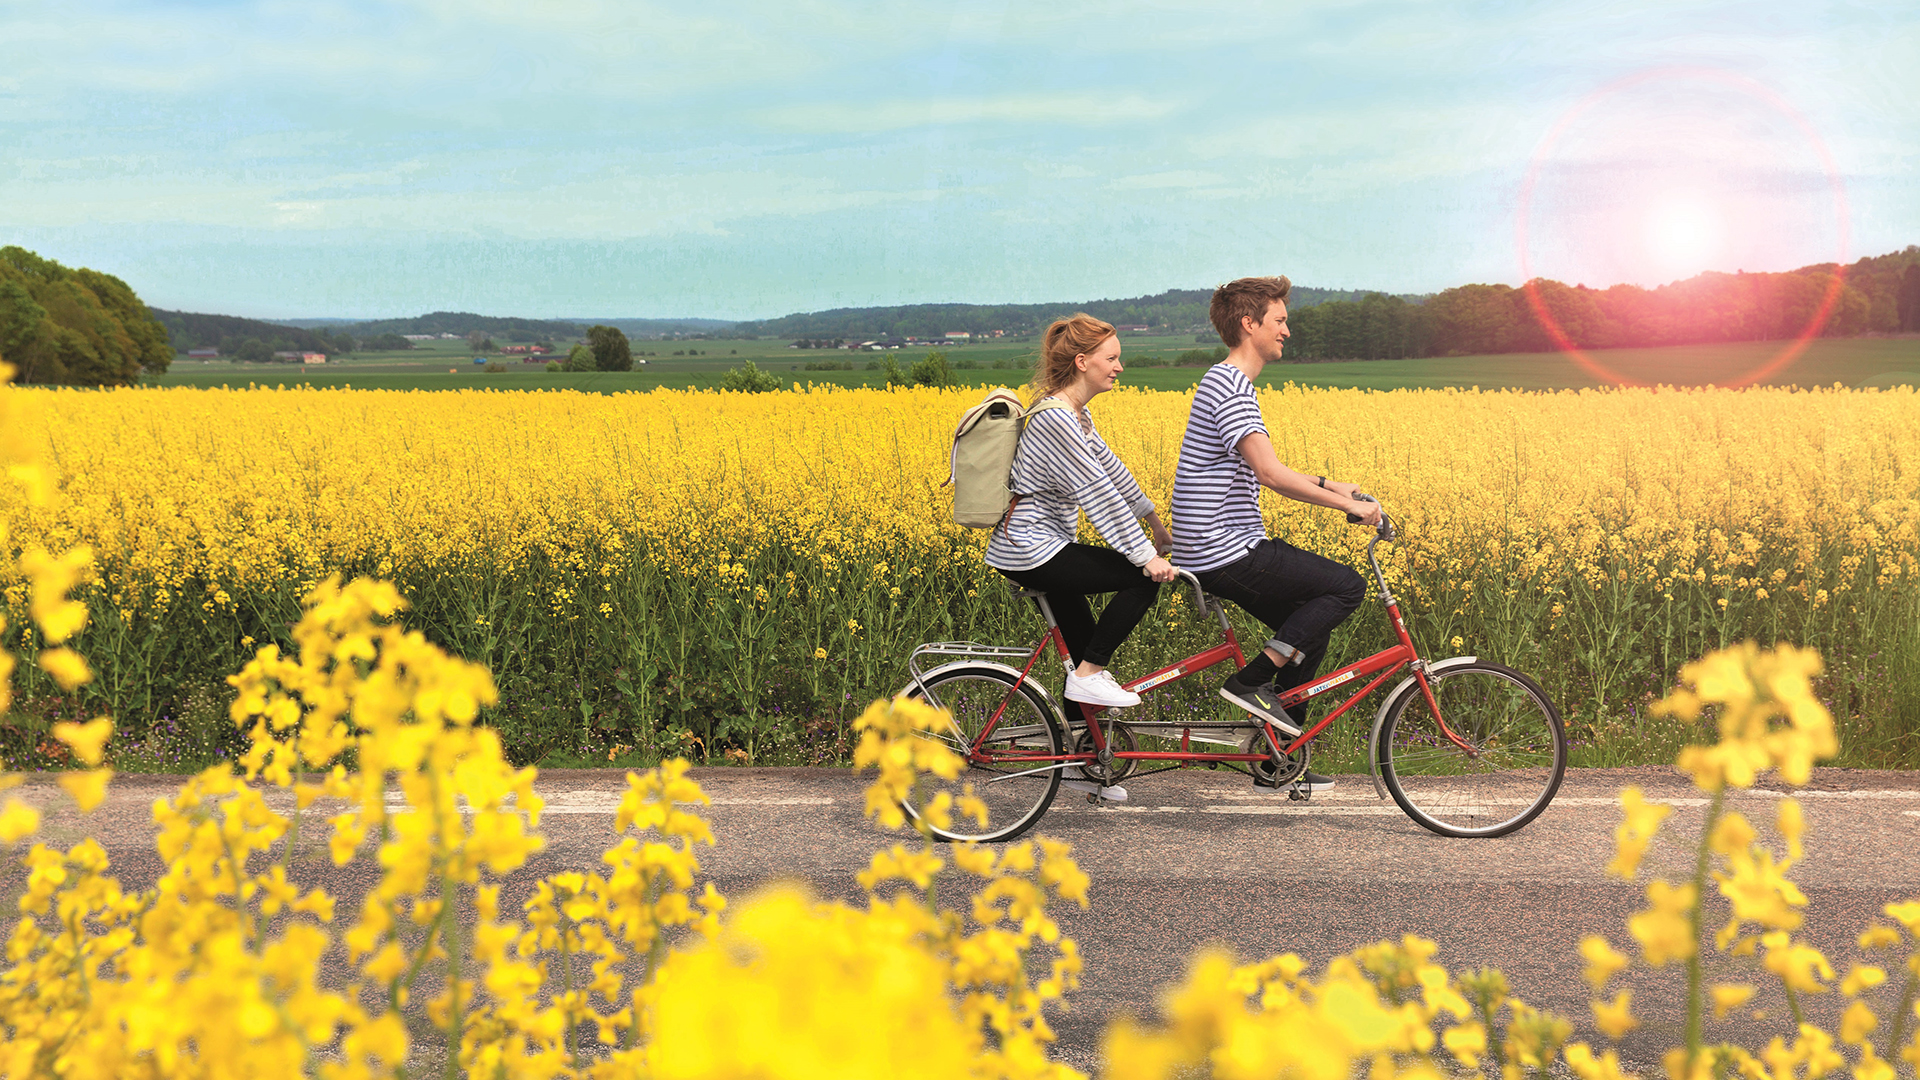 Nainen ja mies polkevat tandempolkupyörällä keltaisen pellon reunassa.